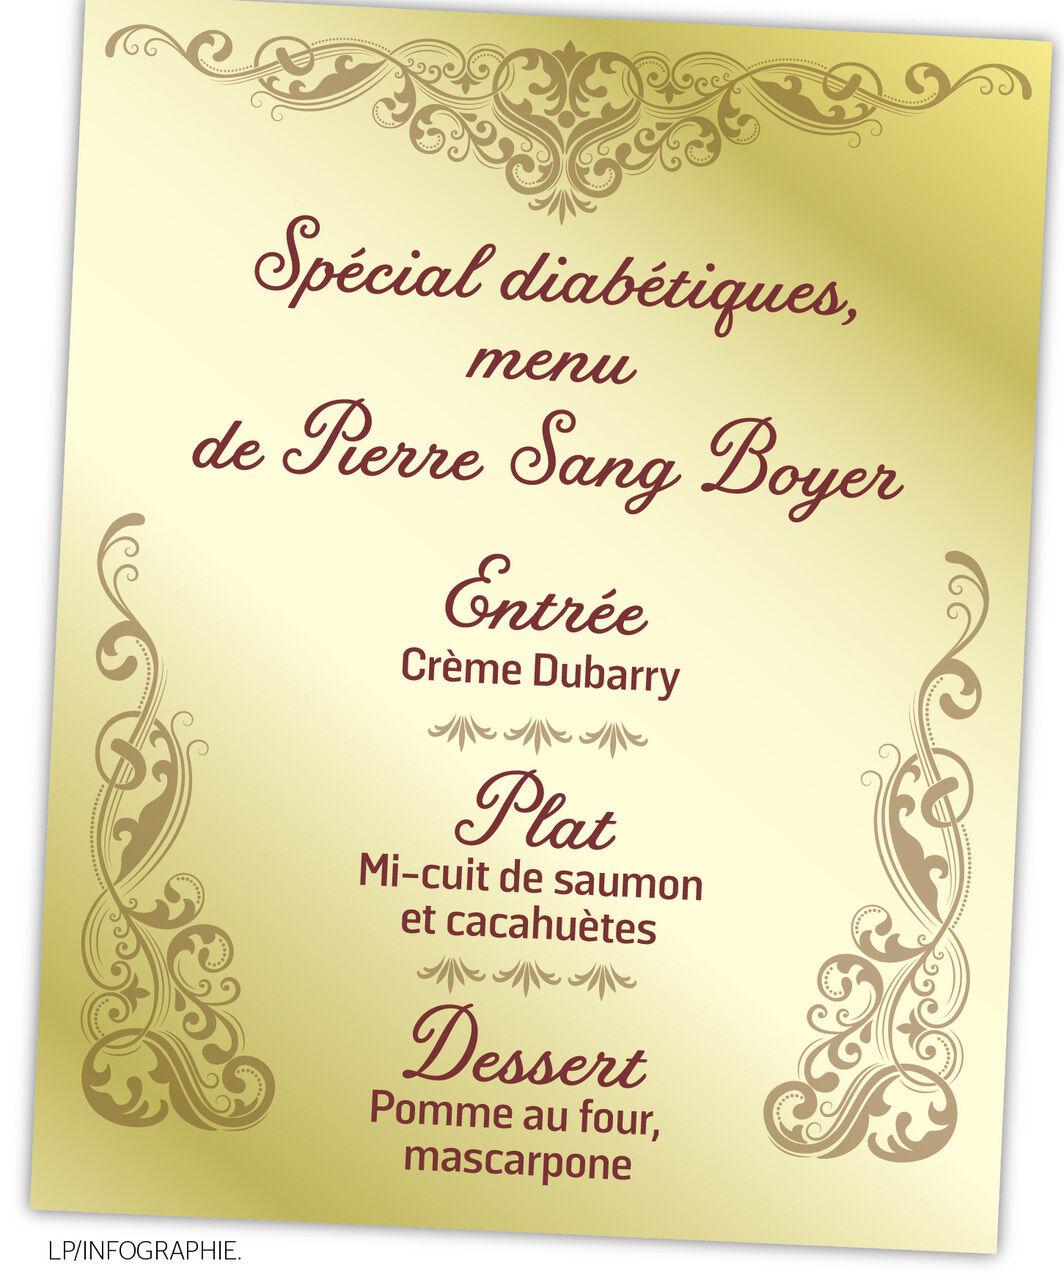 Idee Repas Reveillon Du Jour De L An.Nouvel An Le Menu Special Diabetiques De Pierre Sang Boyer